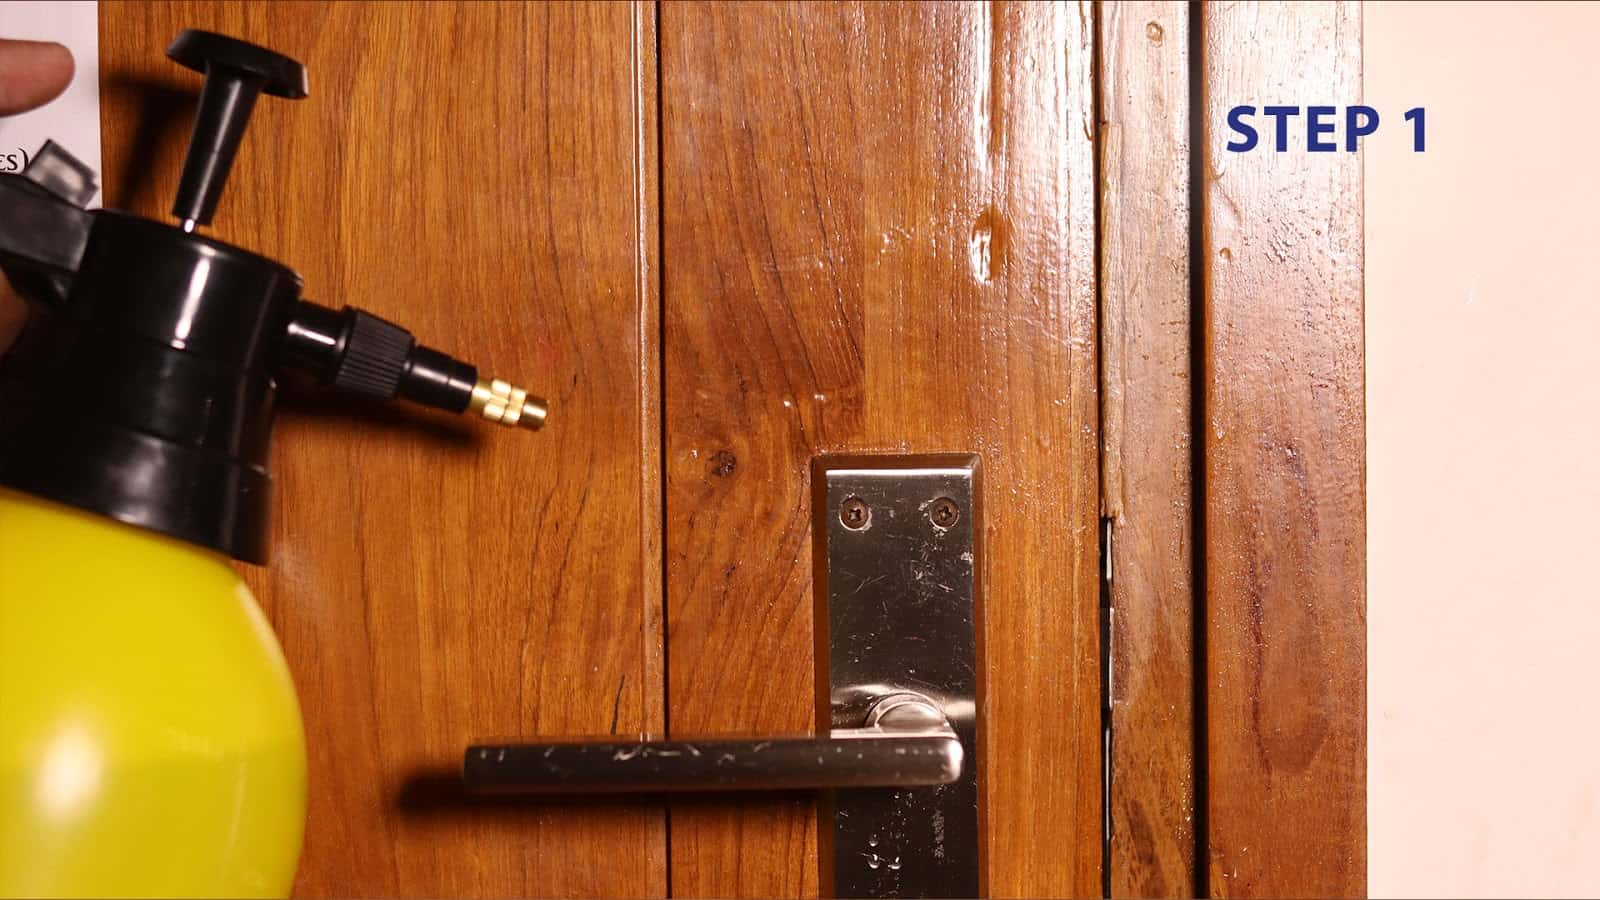 20 1228 wd40 blog door lock step 1